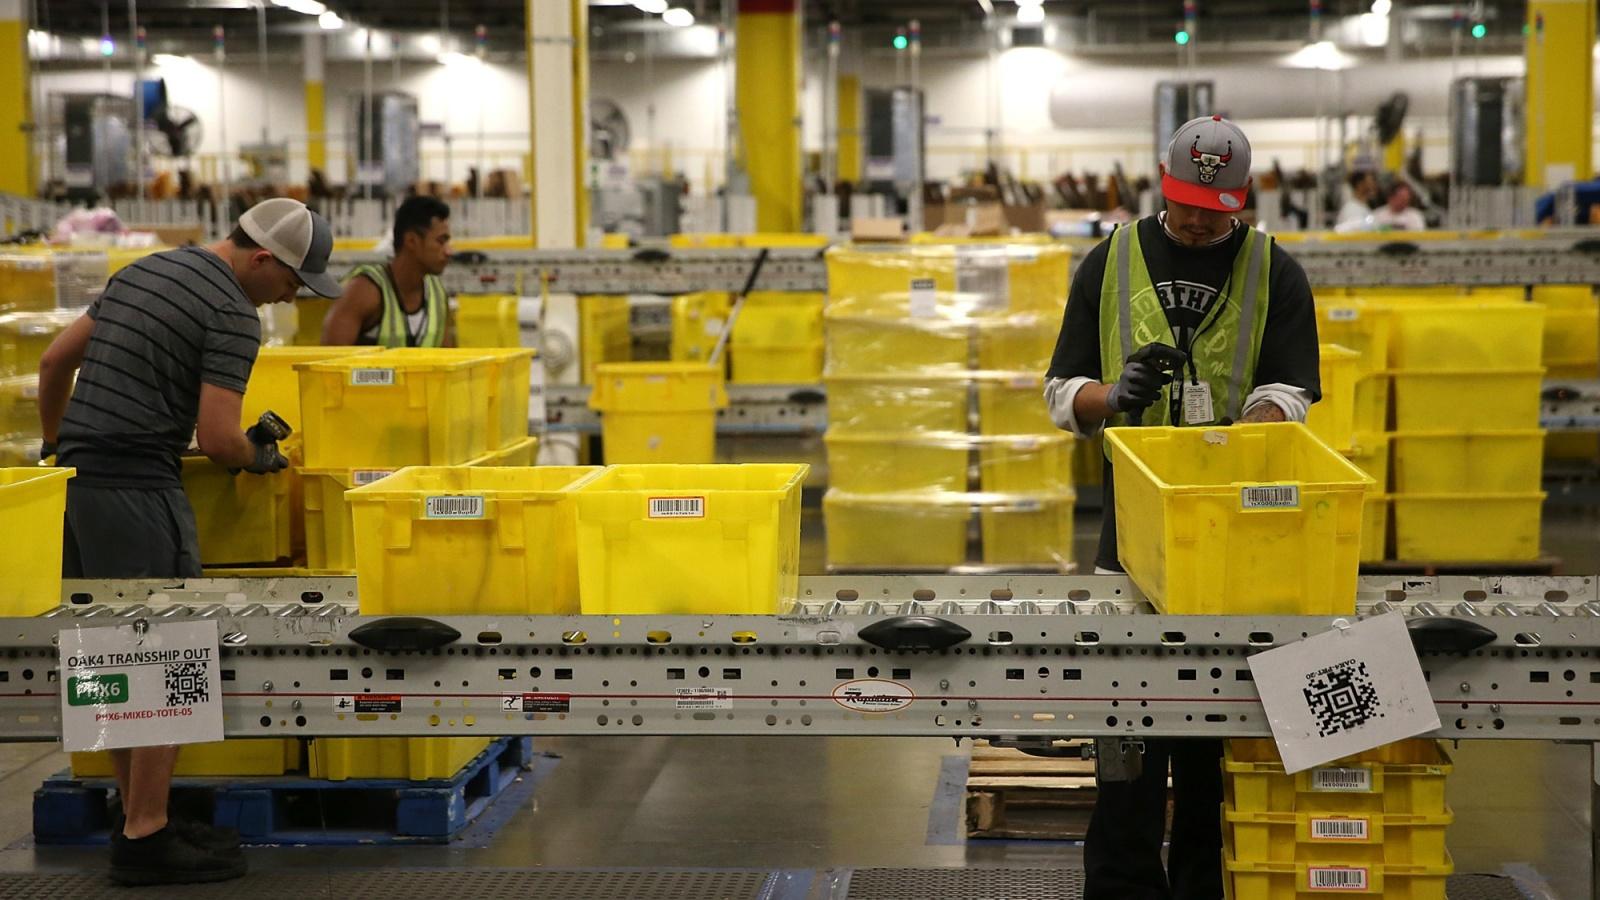 Рабочие на складах Amazon бьют тревогу из-за распространения коронавируса - 1